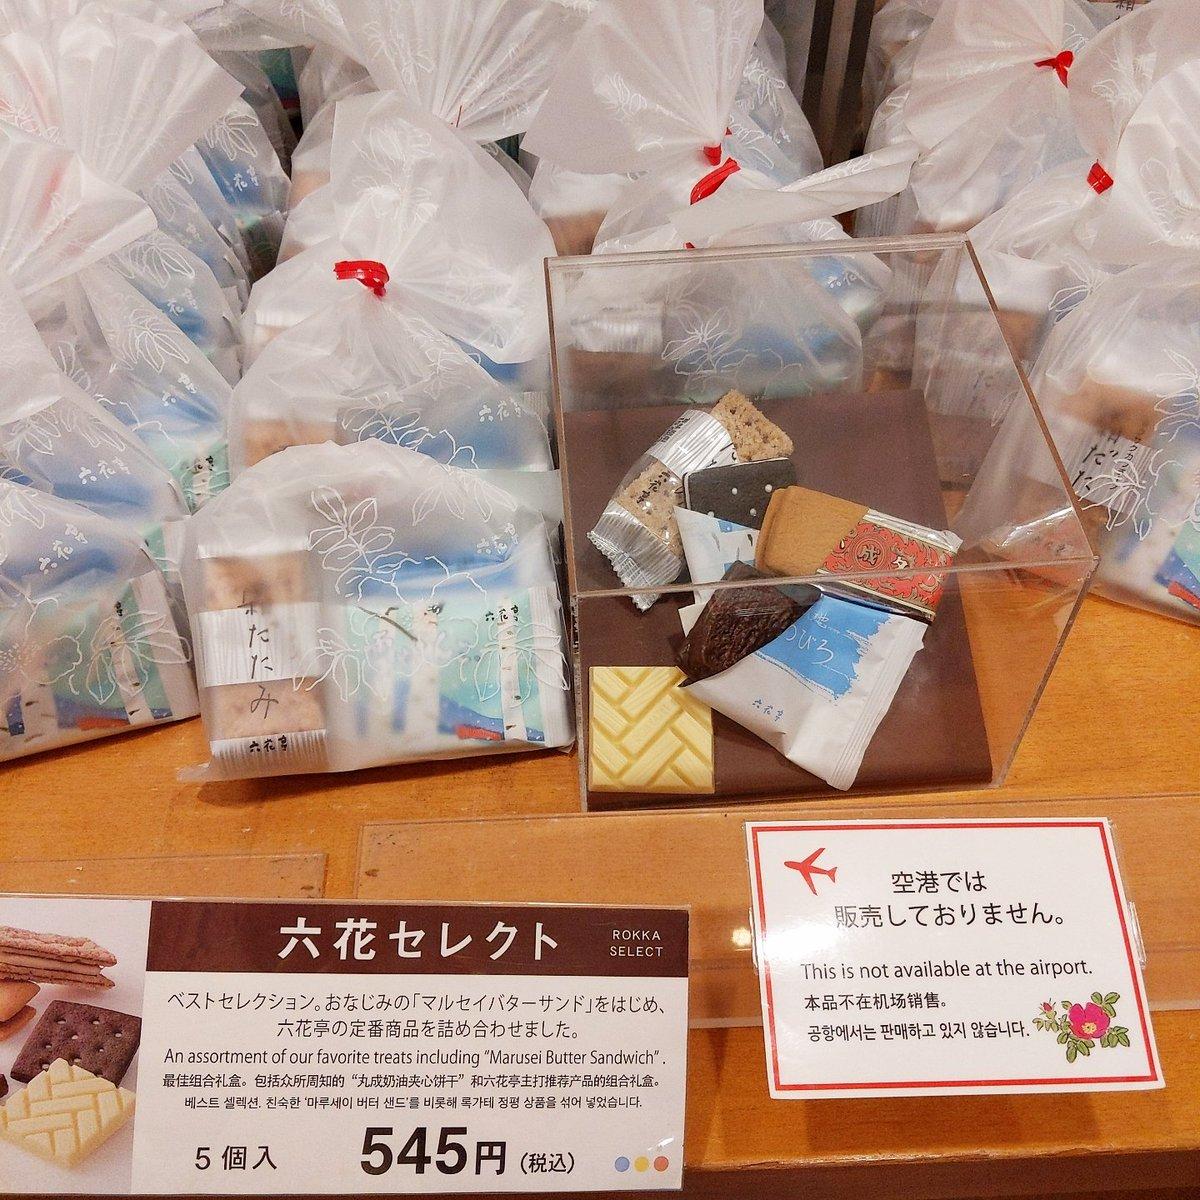 test ツイッターメディア - #北海道 民のマルセイバターサンドの位置って,こうだと思う…少なくともわたしが上京するまではそうだった。 (あくまでお盆のお供えものの一部で単品箱買いではない) https://t.co/WMBvxW6588